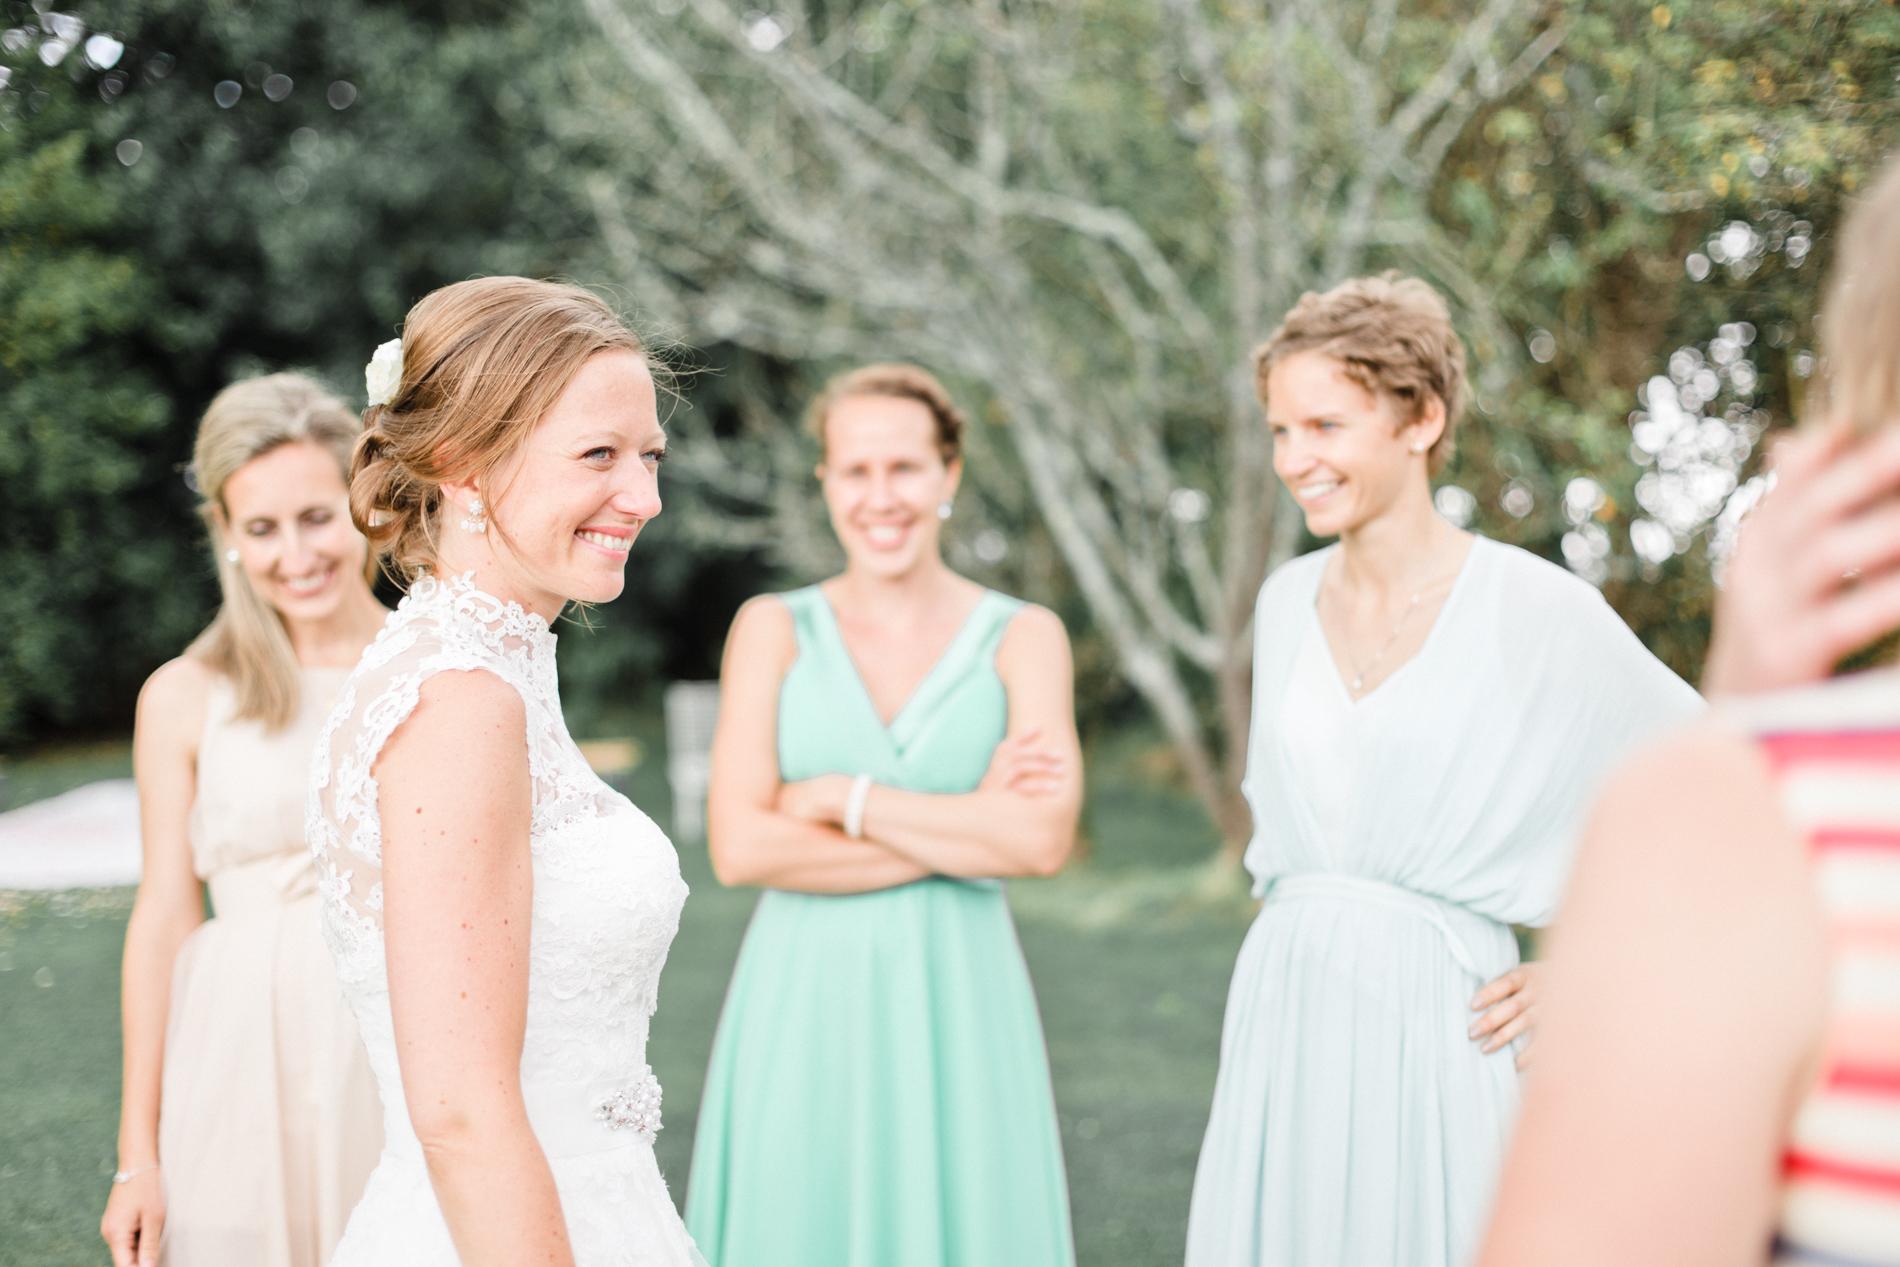 photographe-mariage-bretagne-maria-thomas-77